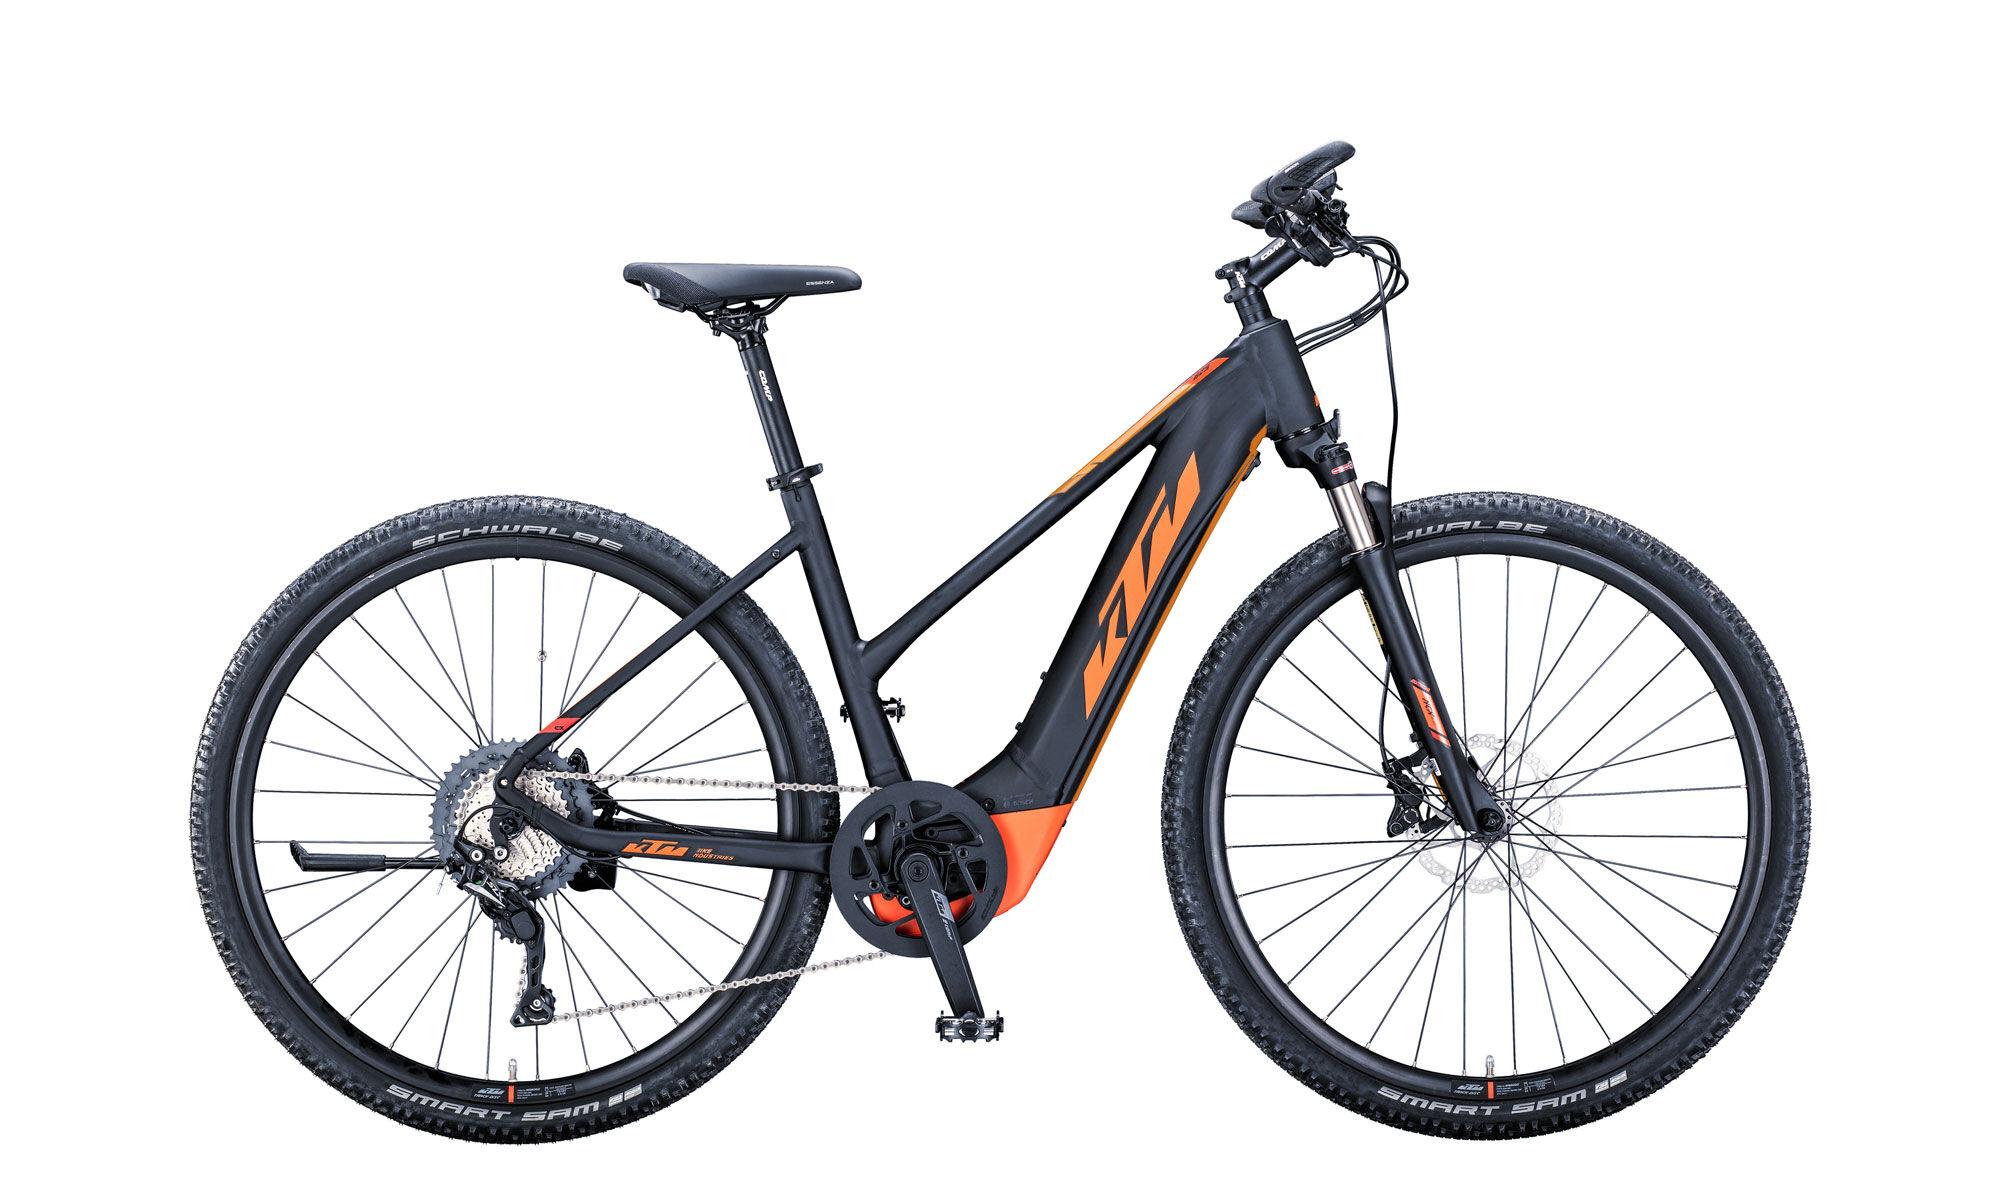 Fahrräder & Bikezubehör | INTERSPORT